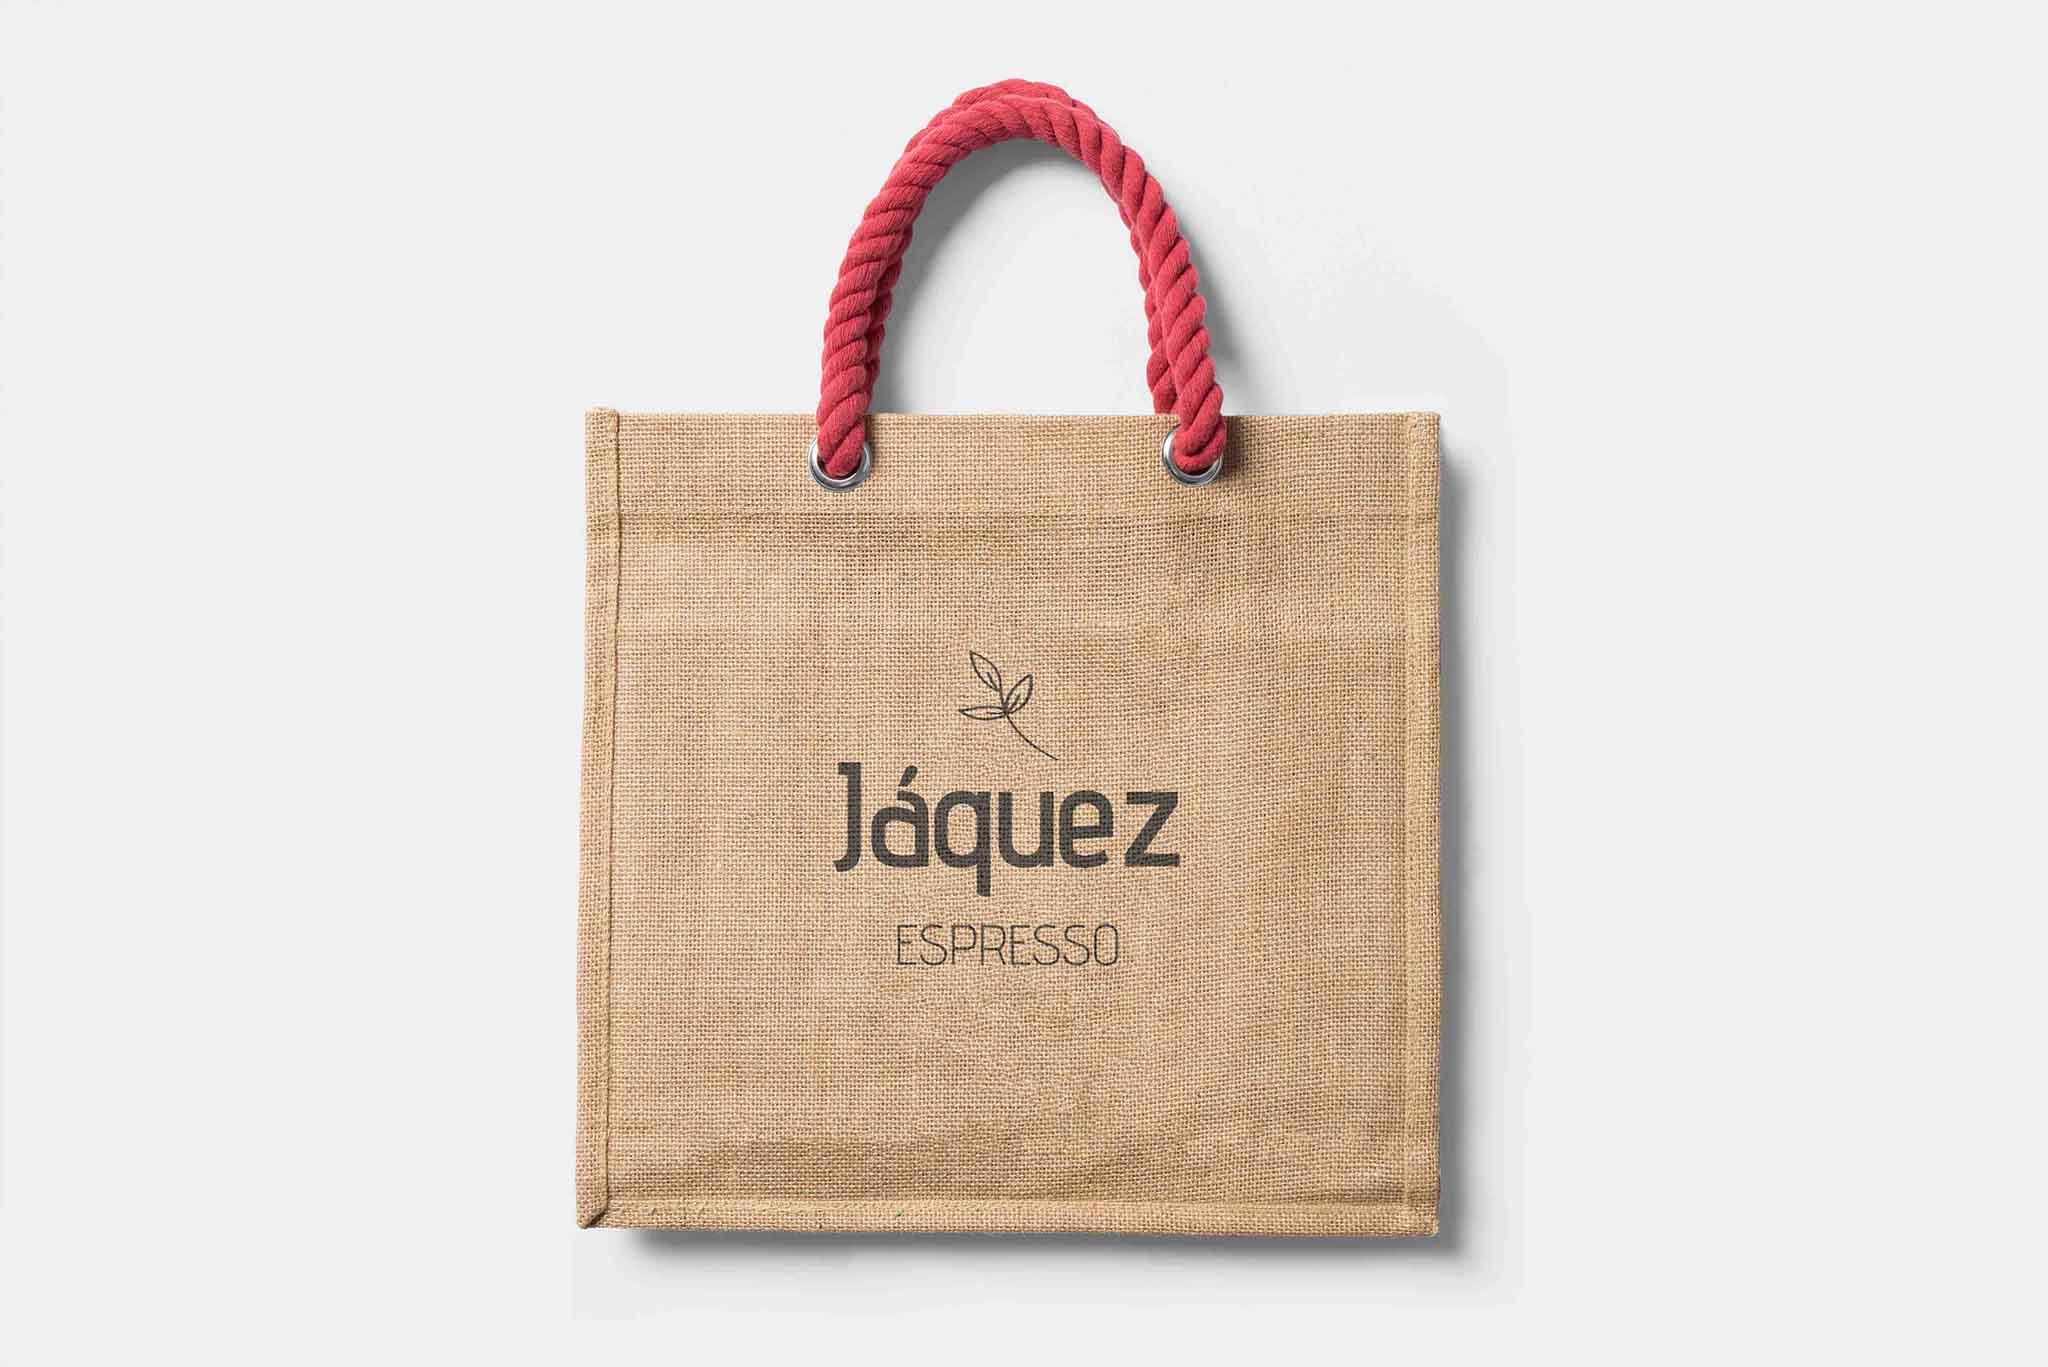 Jáquez Expresso Bag